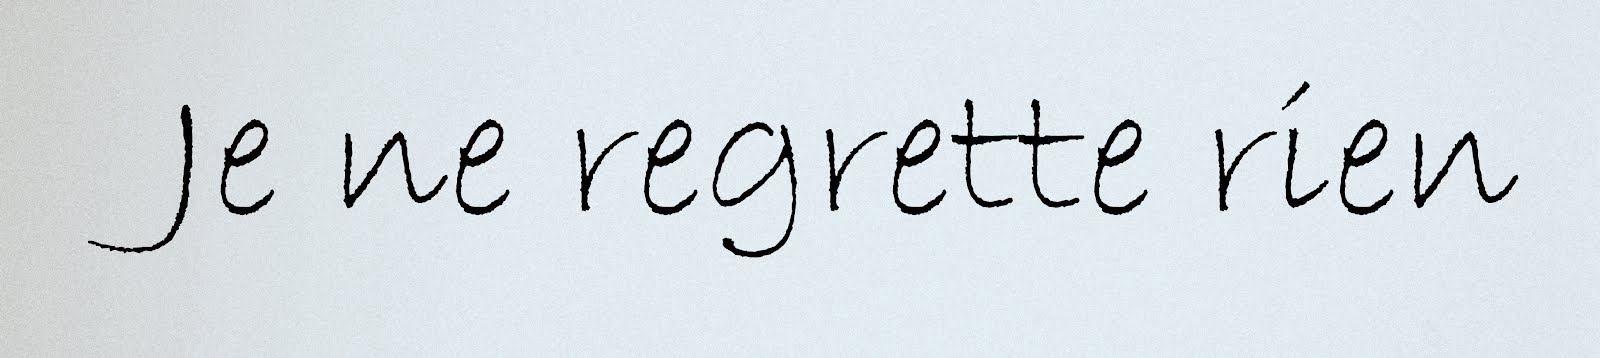 Je ne regrette rien